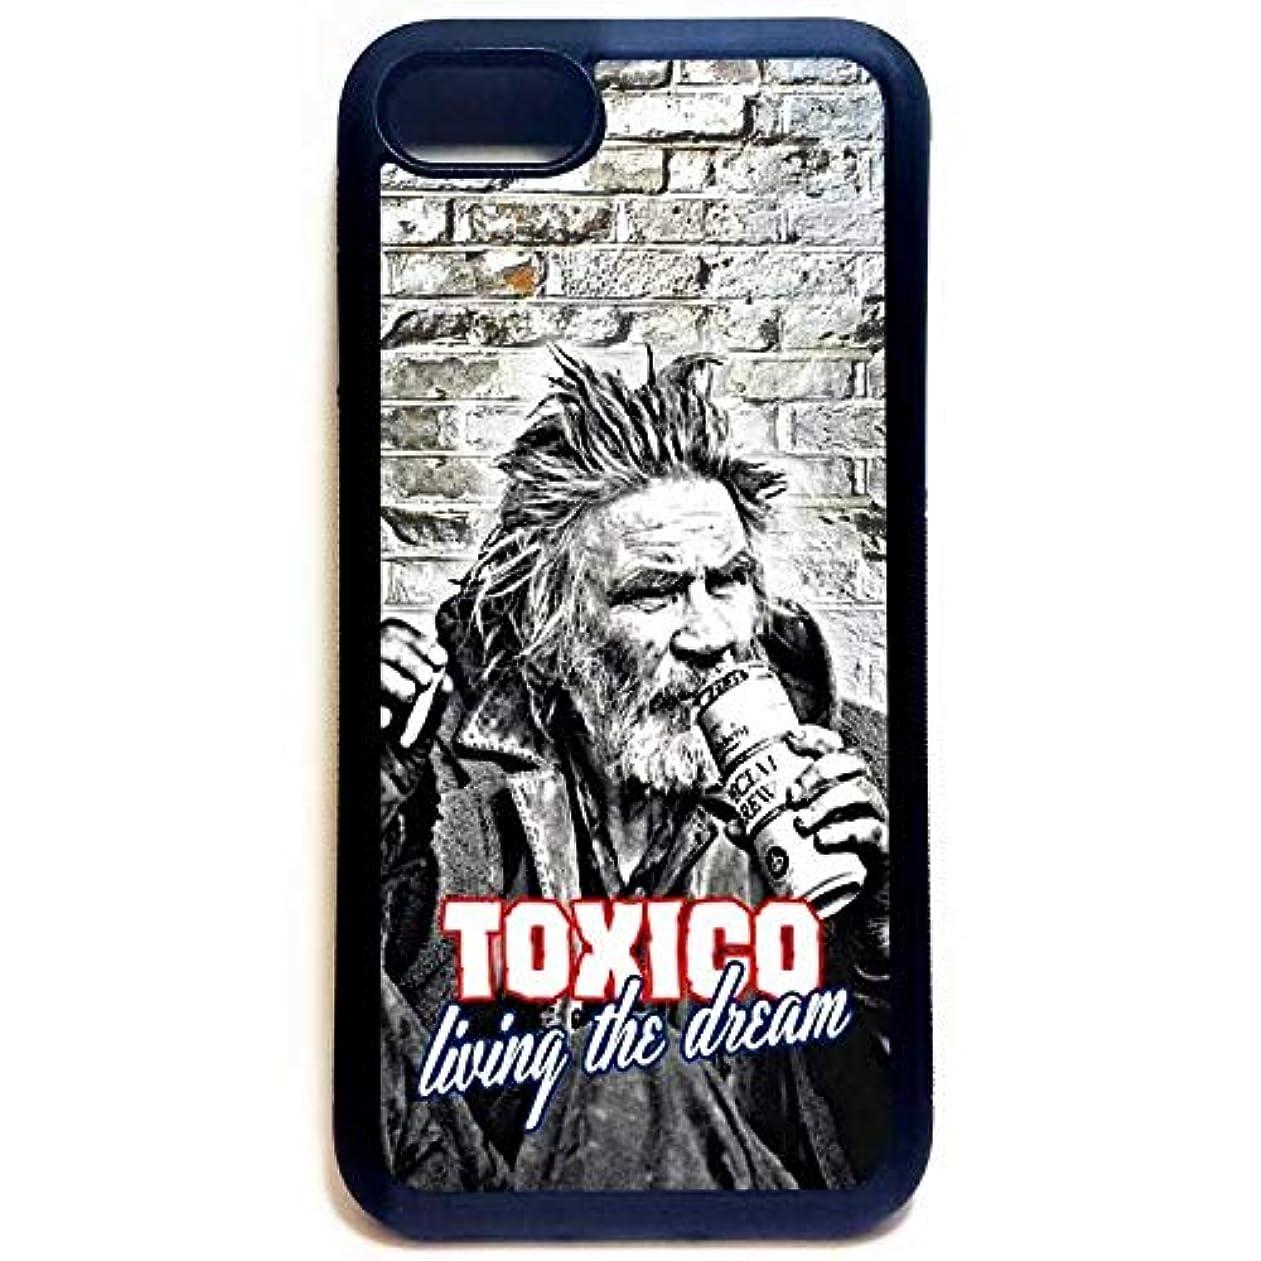 憤るアンペア化学者Toxico - Living The Dream Phone Case (IPhone) iPhone 7 / 8